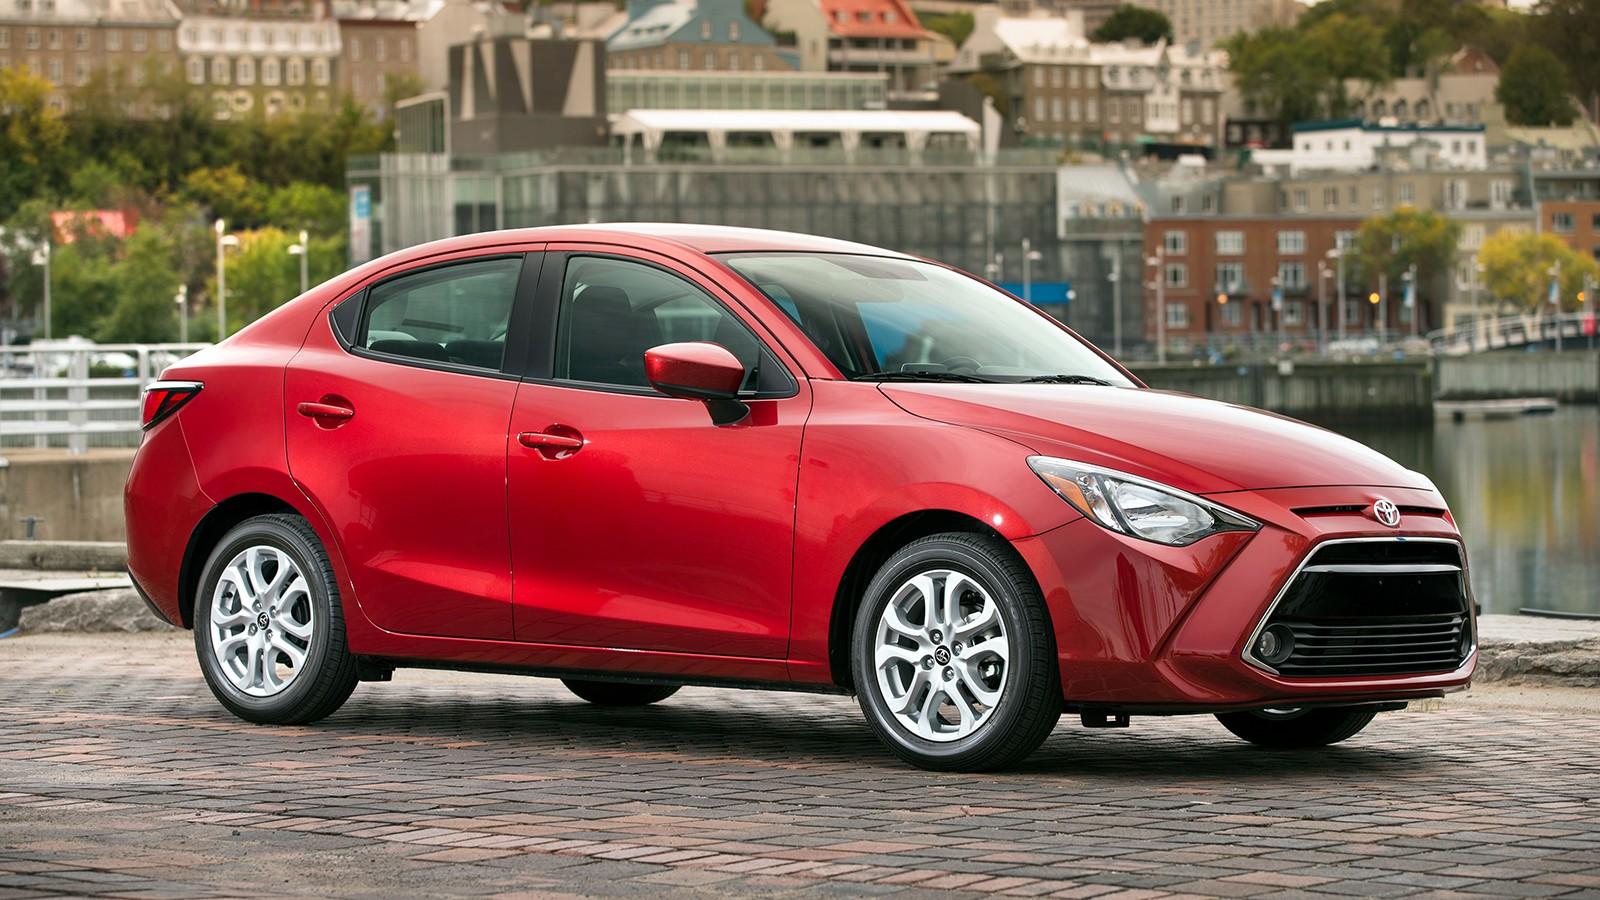 На фото: седан Toyota Yaris. Модель в этом типе кузова доступна на рынке США И Канады. Является перелицованной версией Mazda2